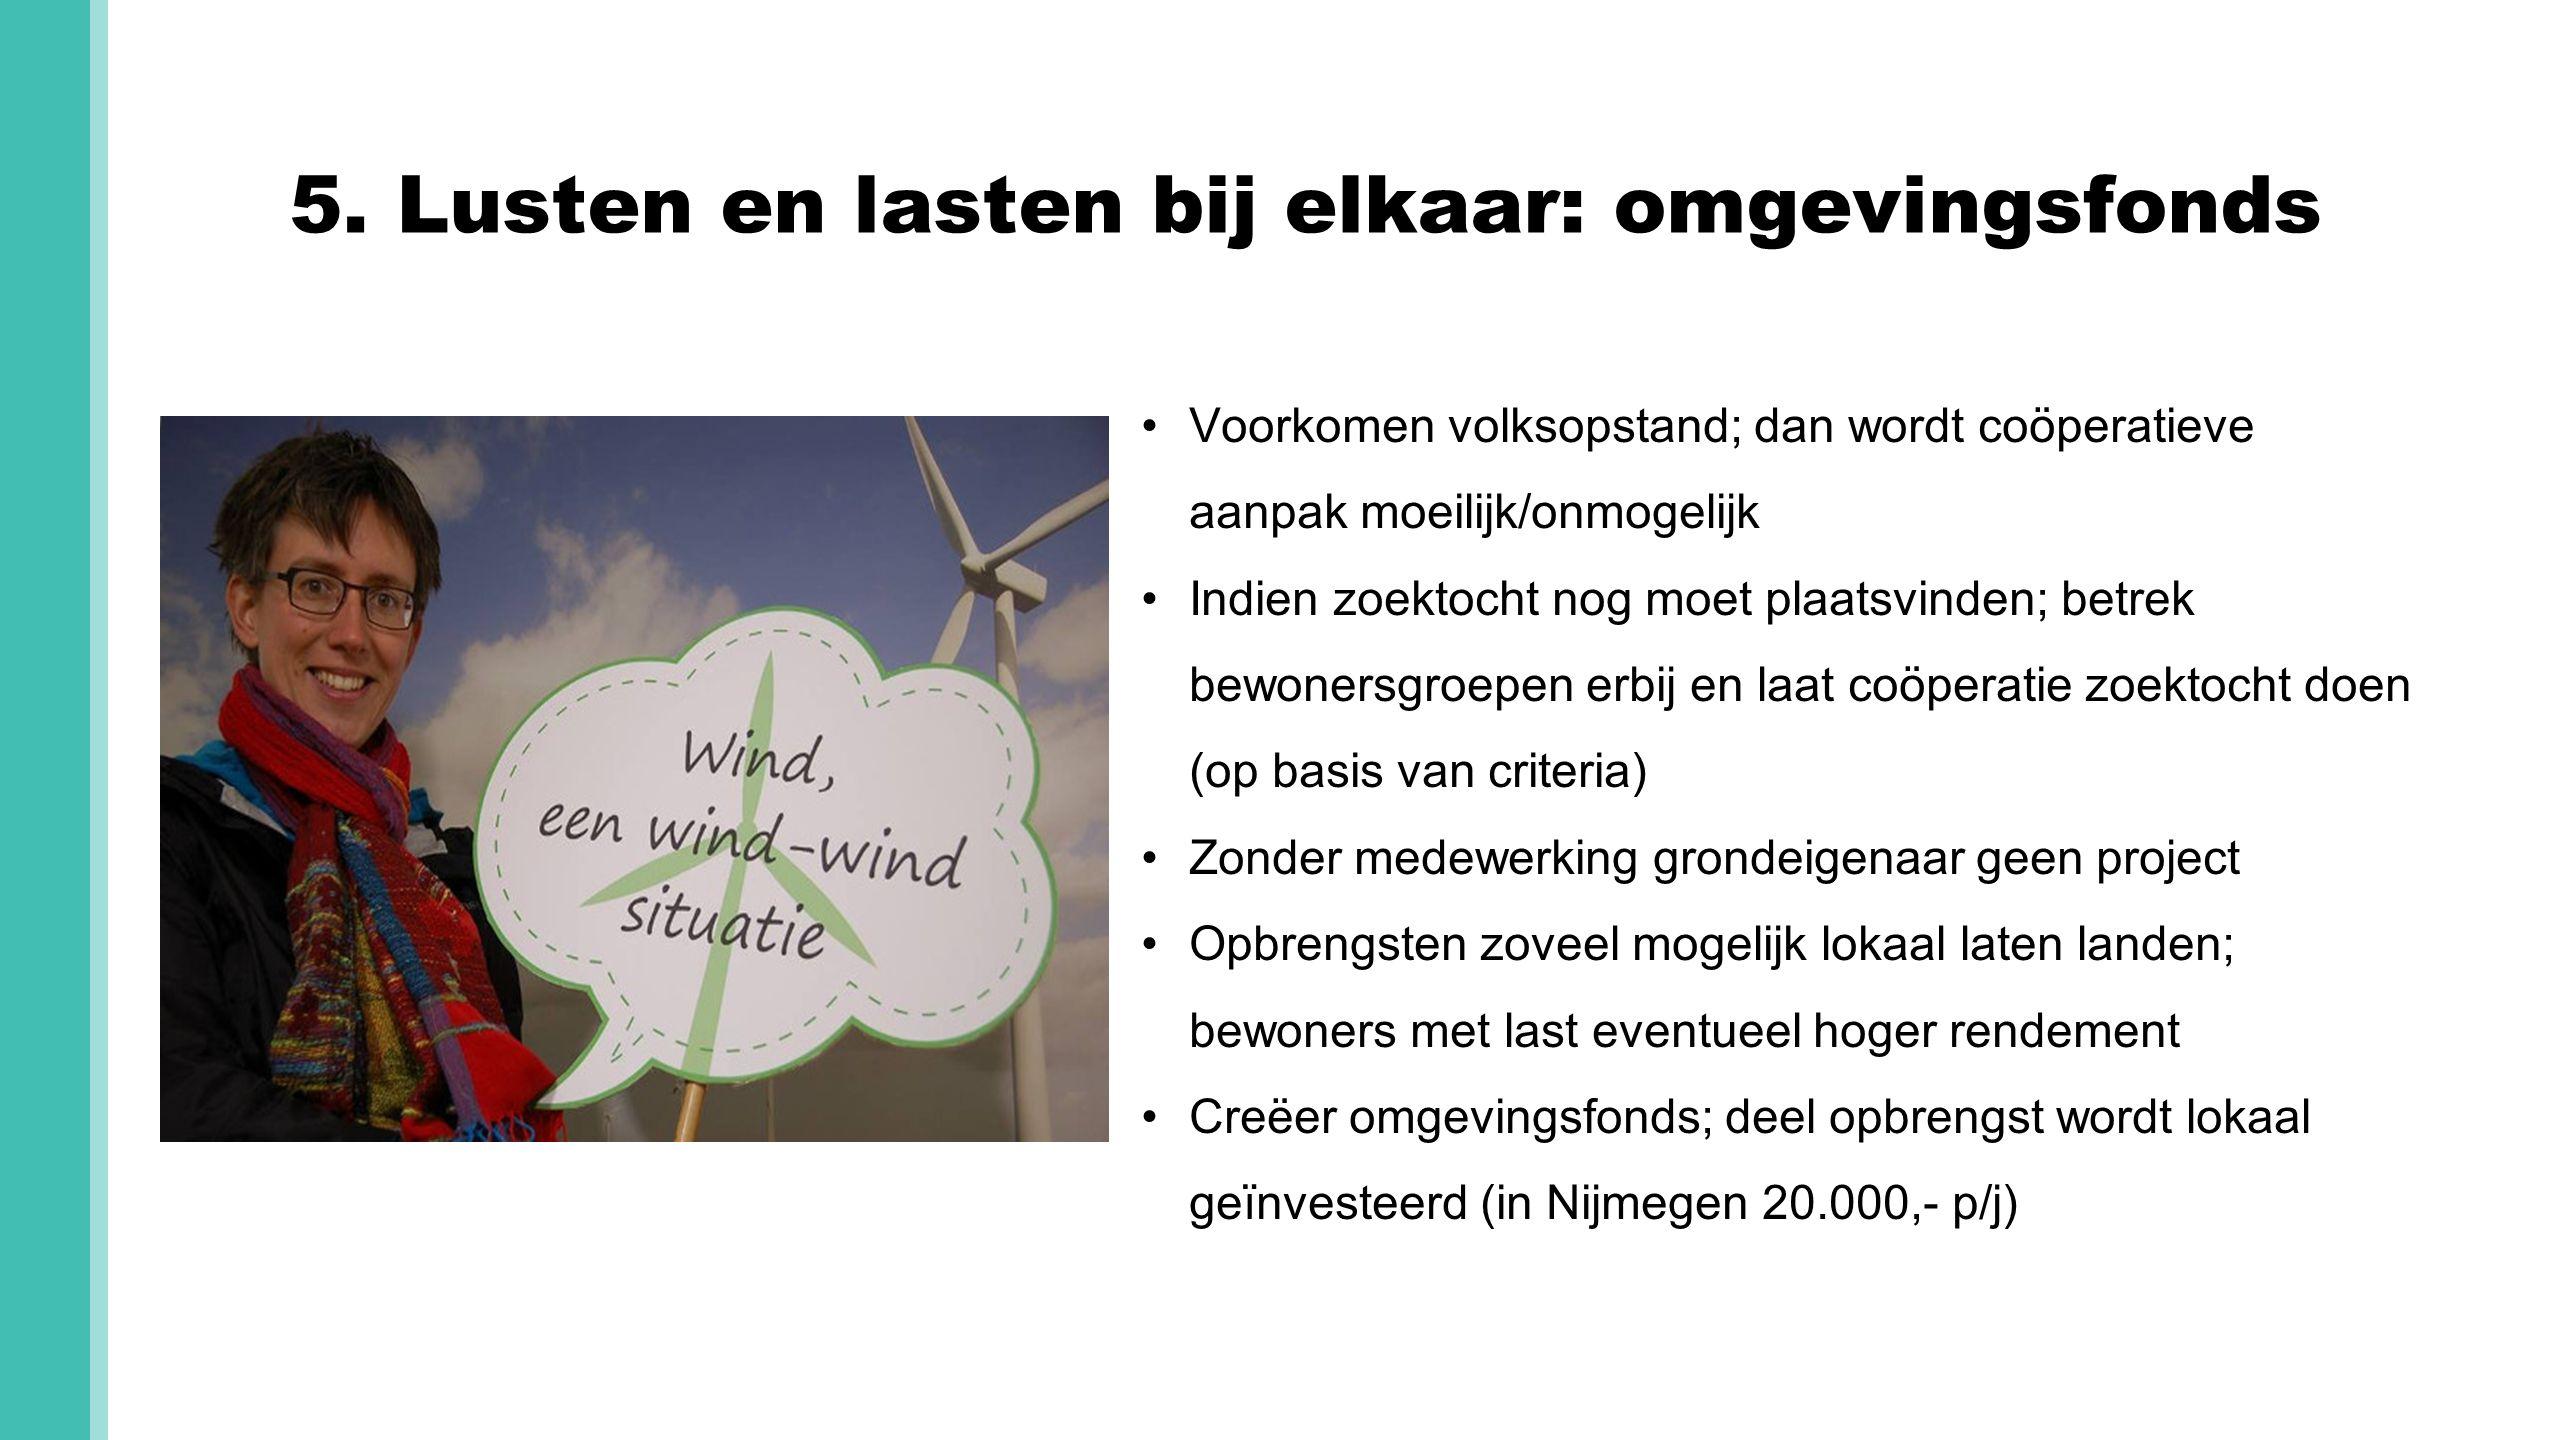 5. Lusten en lasten bij elkaar: omgevingsfonds